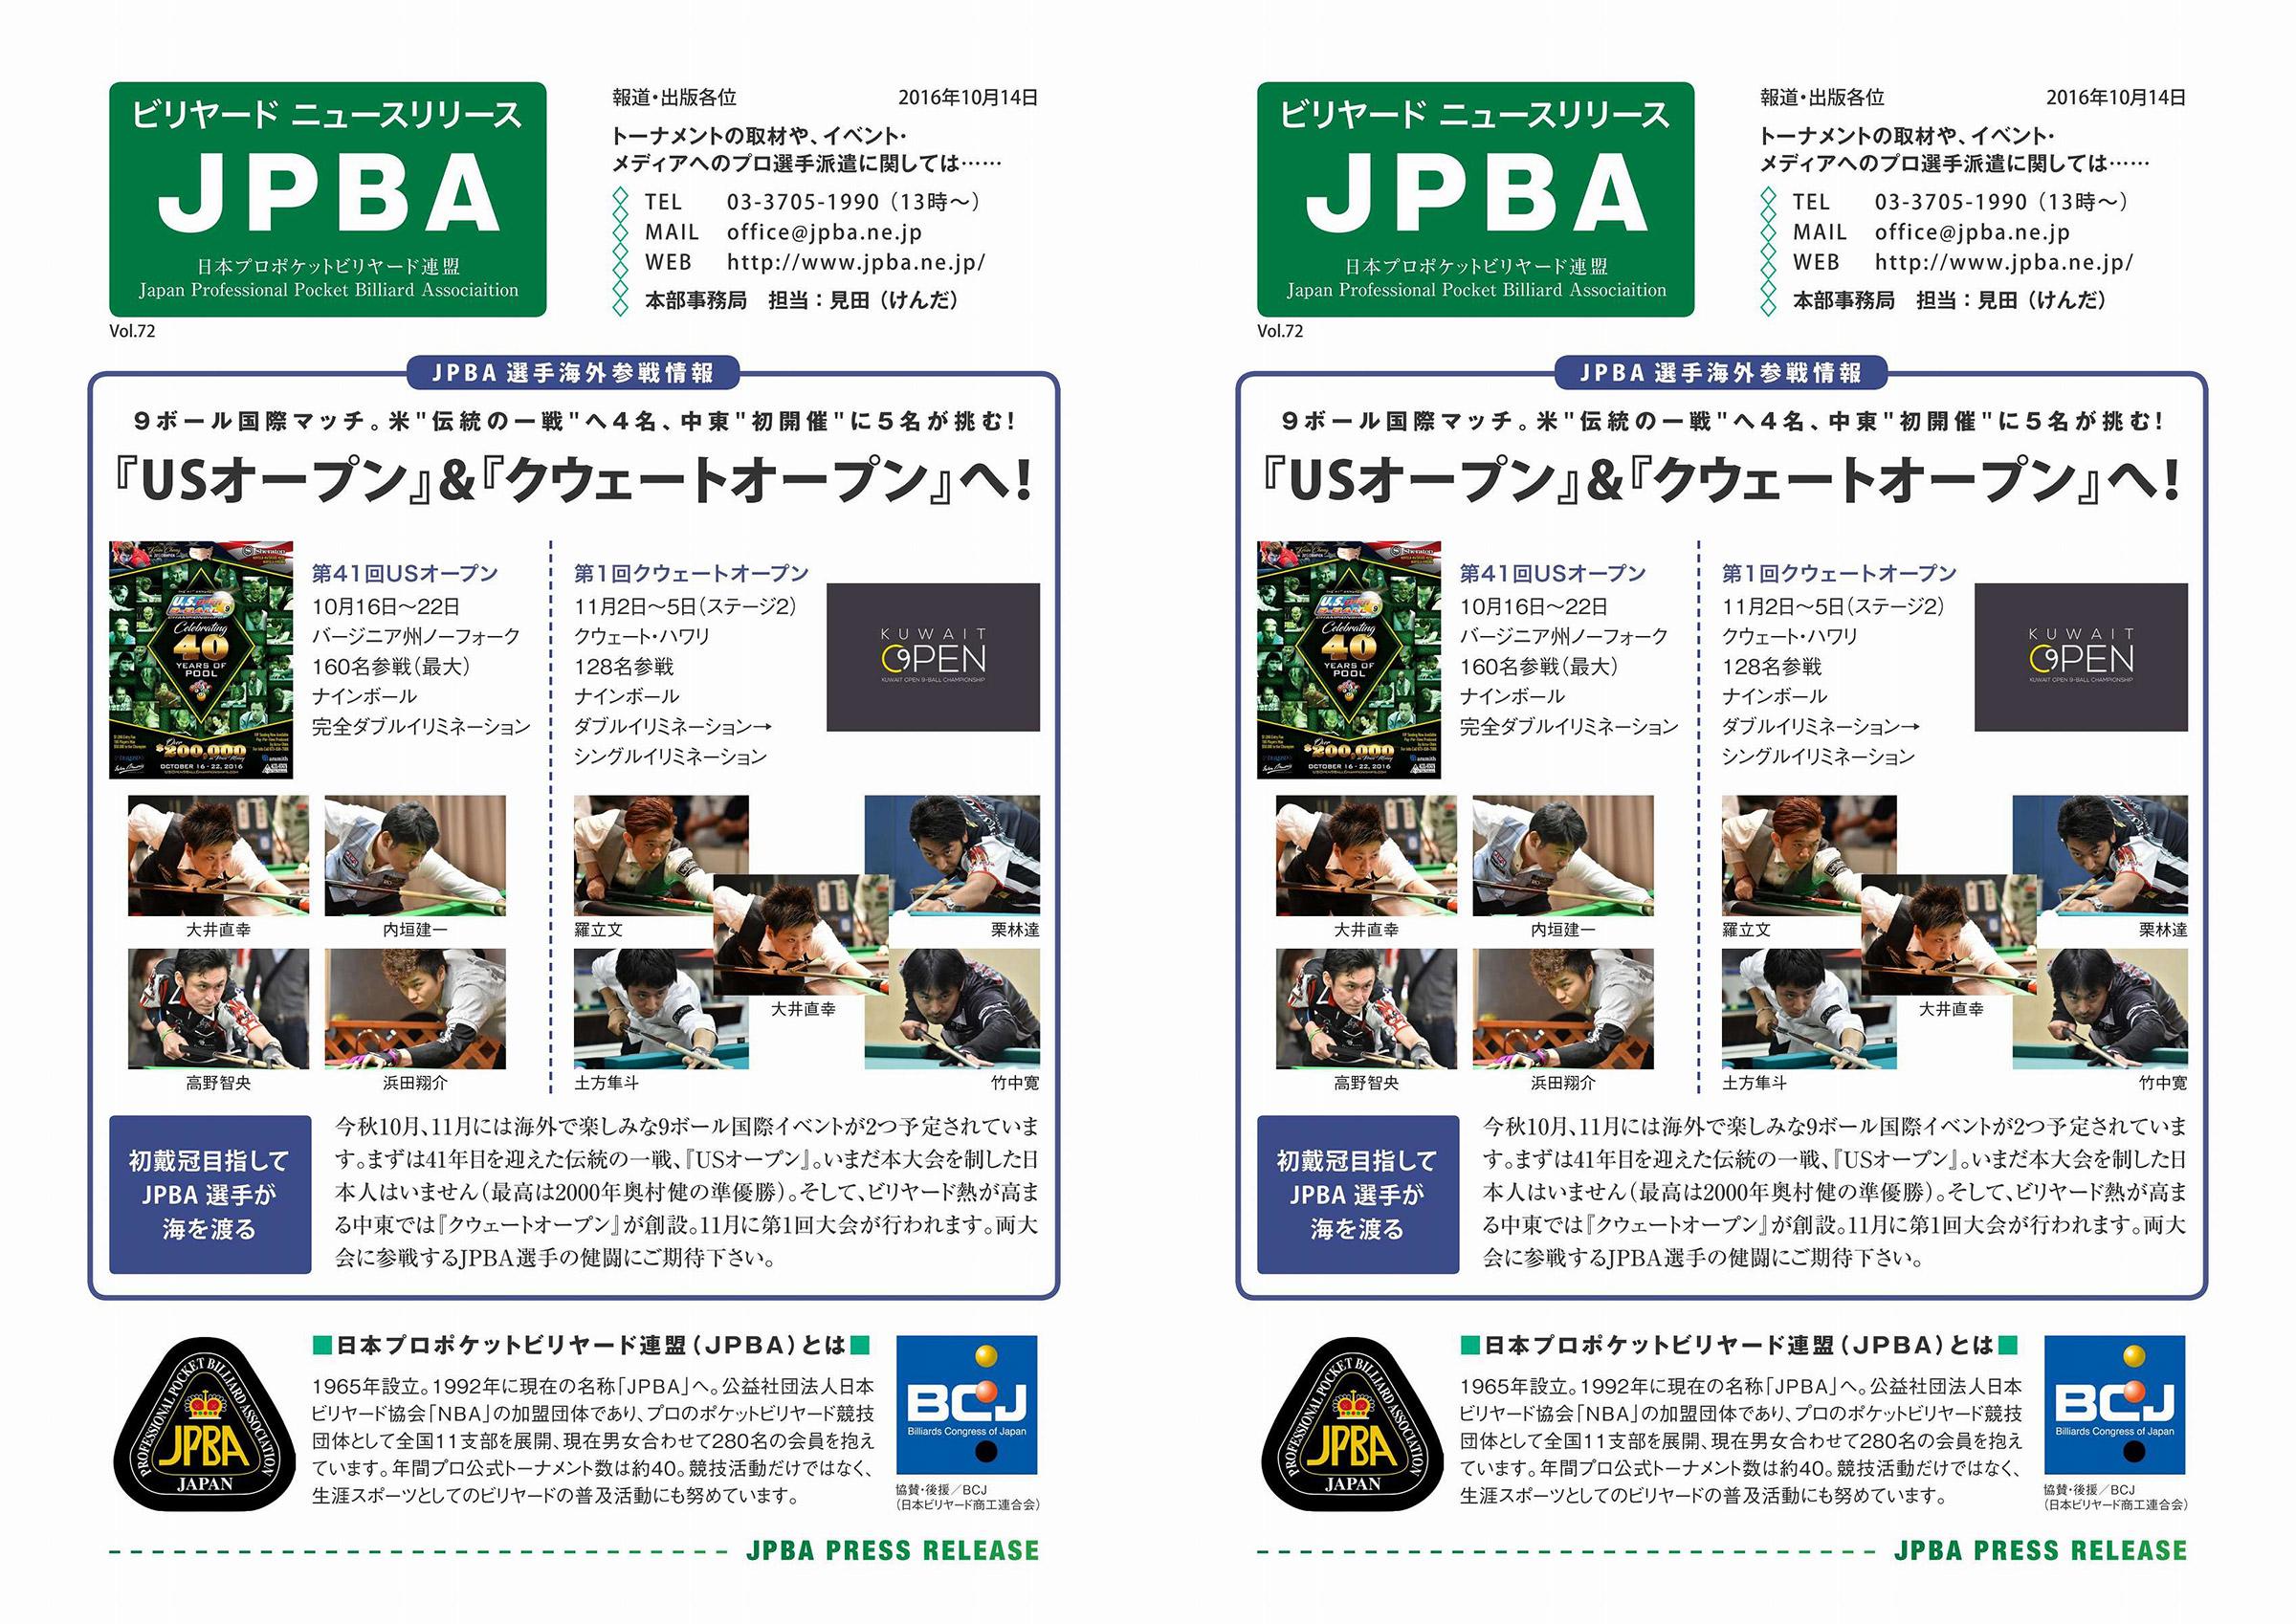 jpba-pr-72_01-yoko